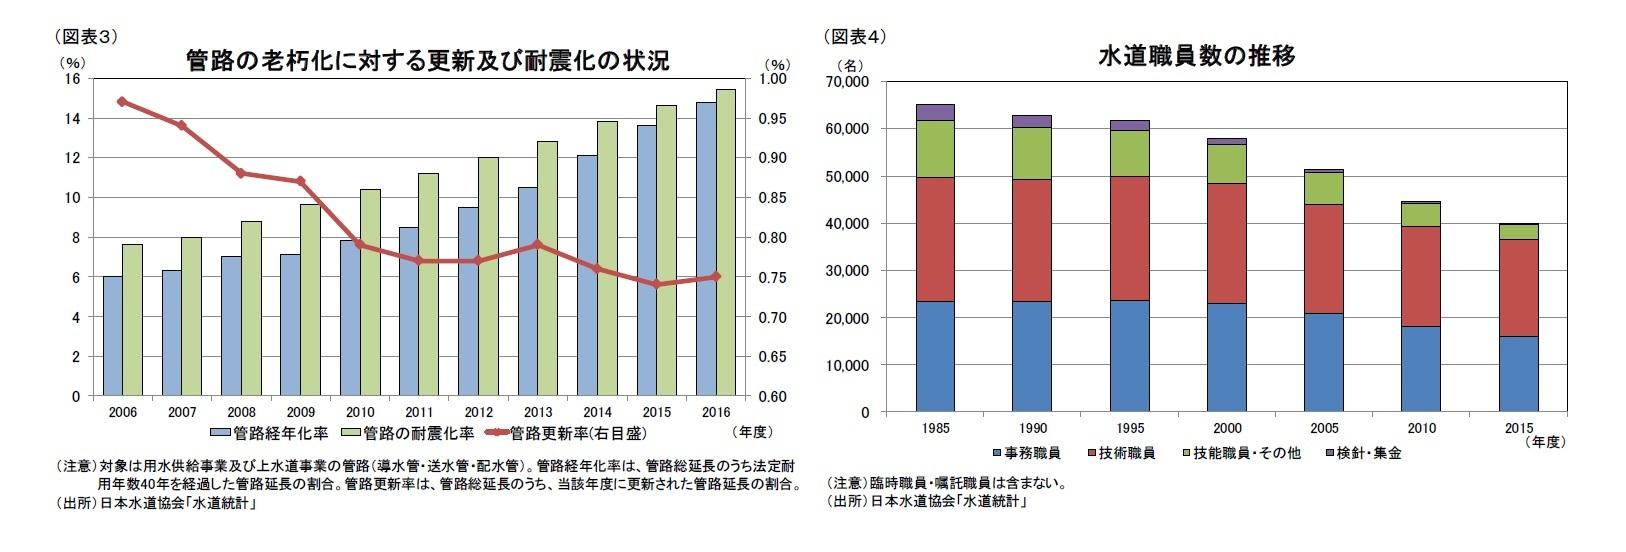 (図表3)管路の老朽化に対する更新及び耐震化の状況/(図表4)水道職員数の推移